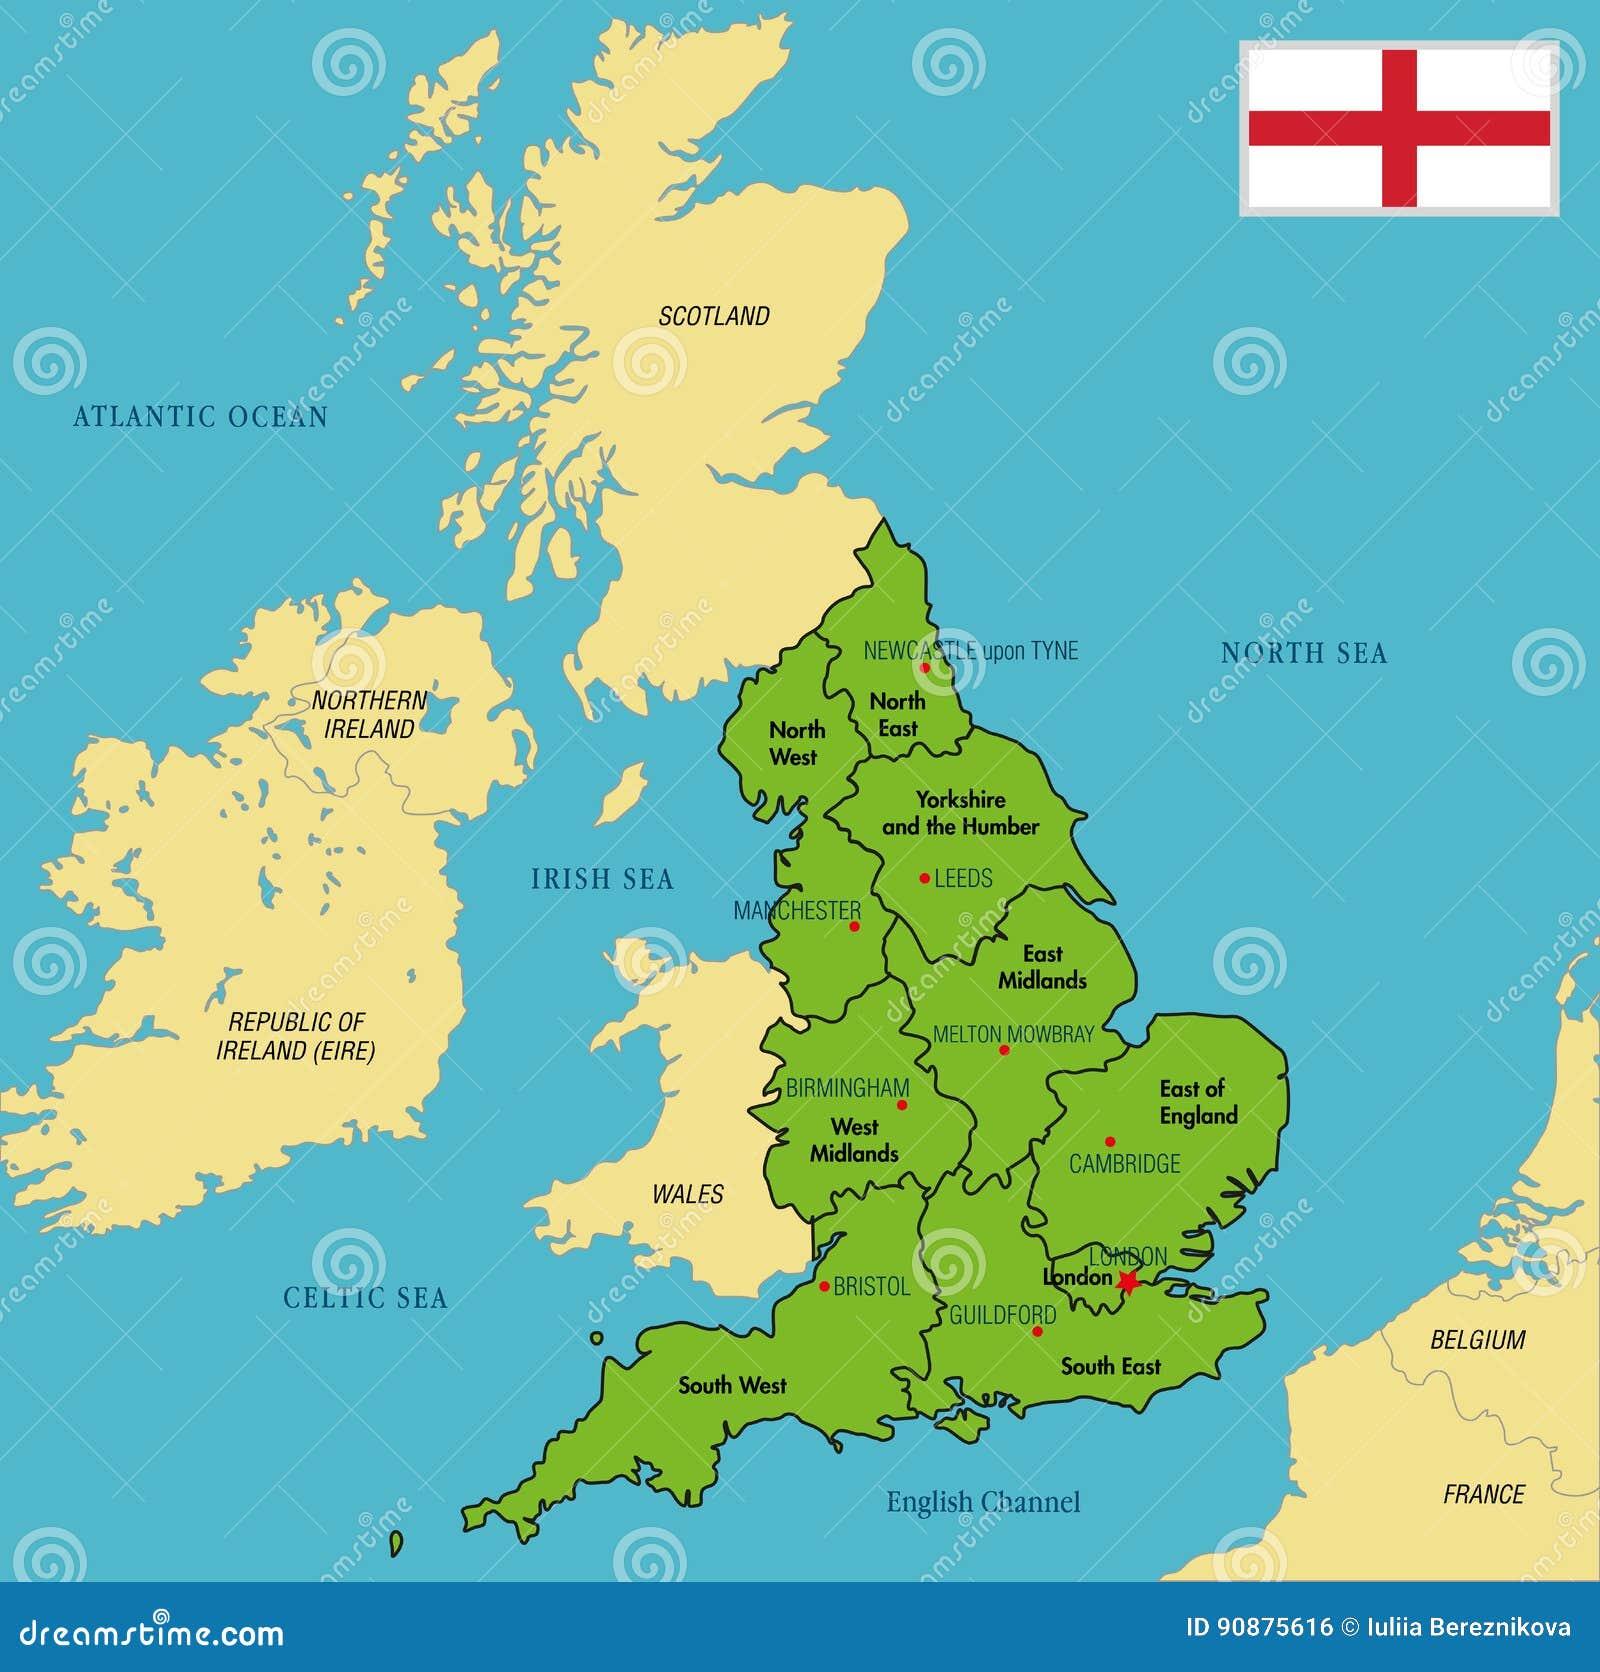 Politische Karte von England mit Regionen und ihren Hauptstädten